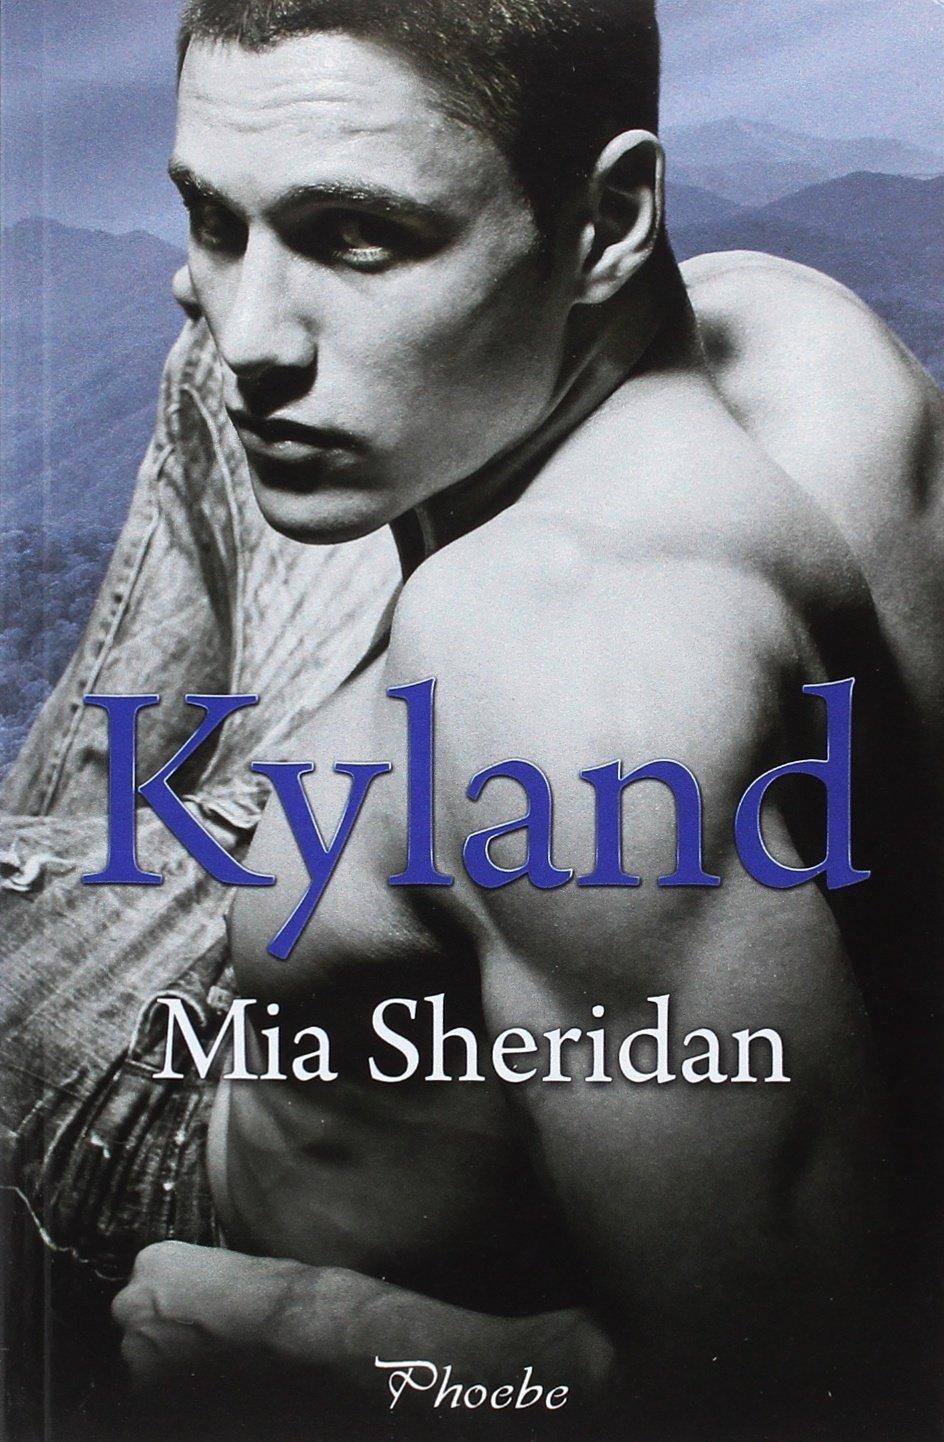 Portada libro - Kyland